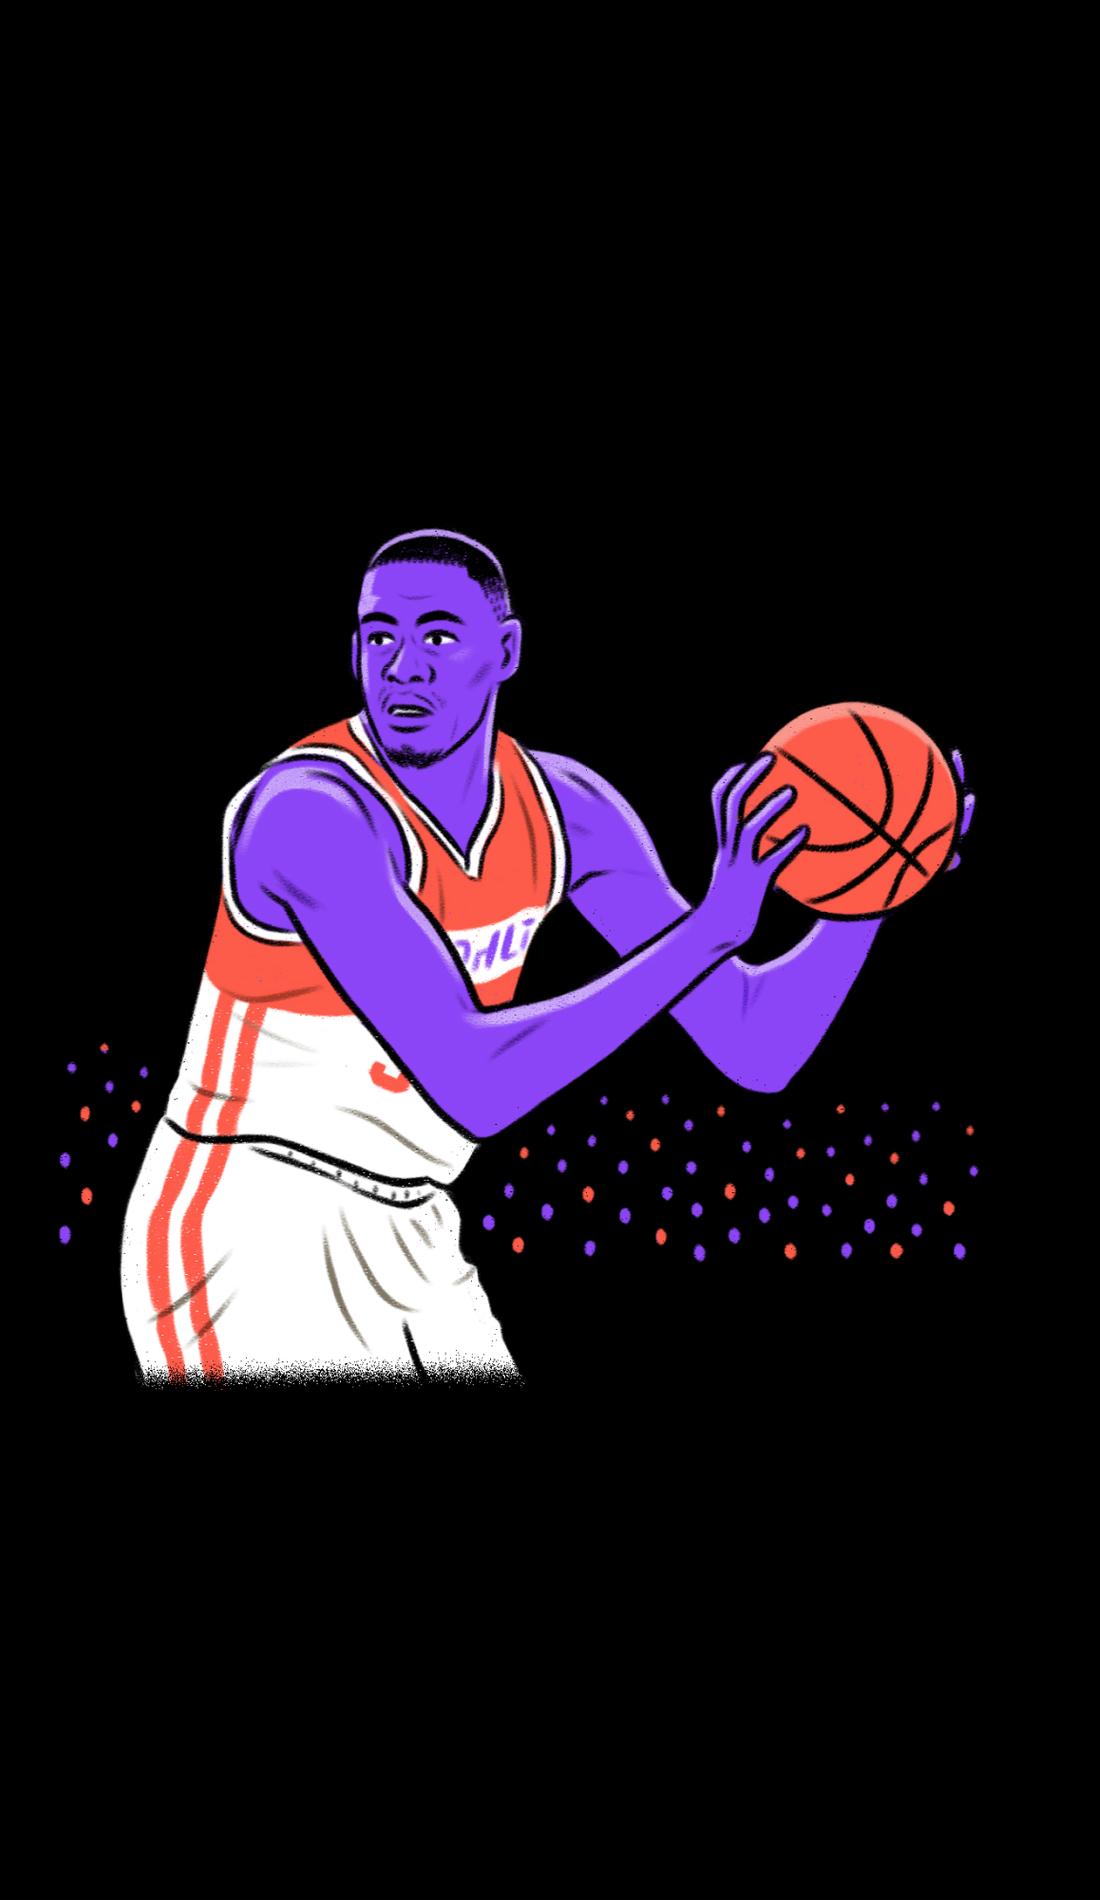 A Chattanooga Mocs Basketball live event